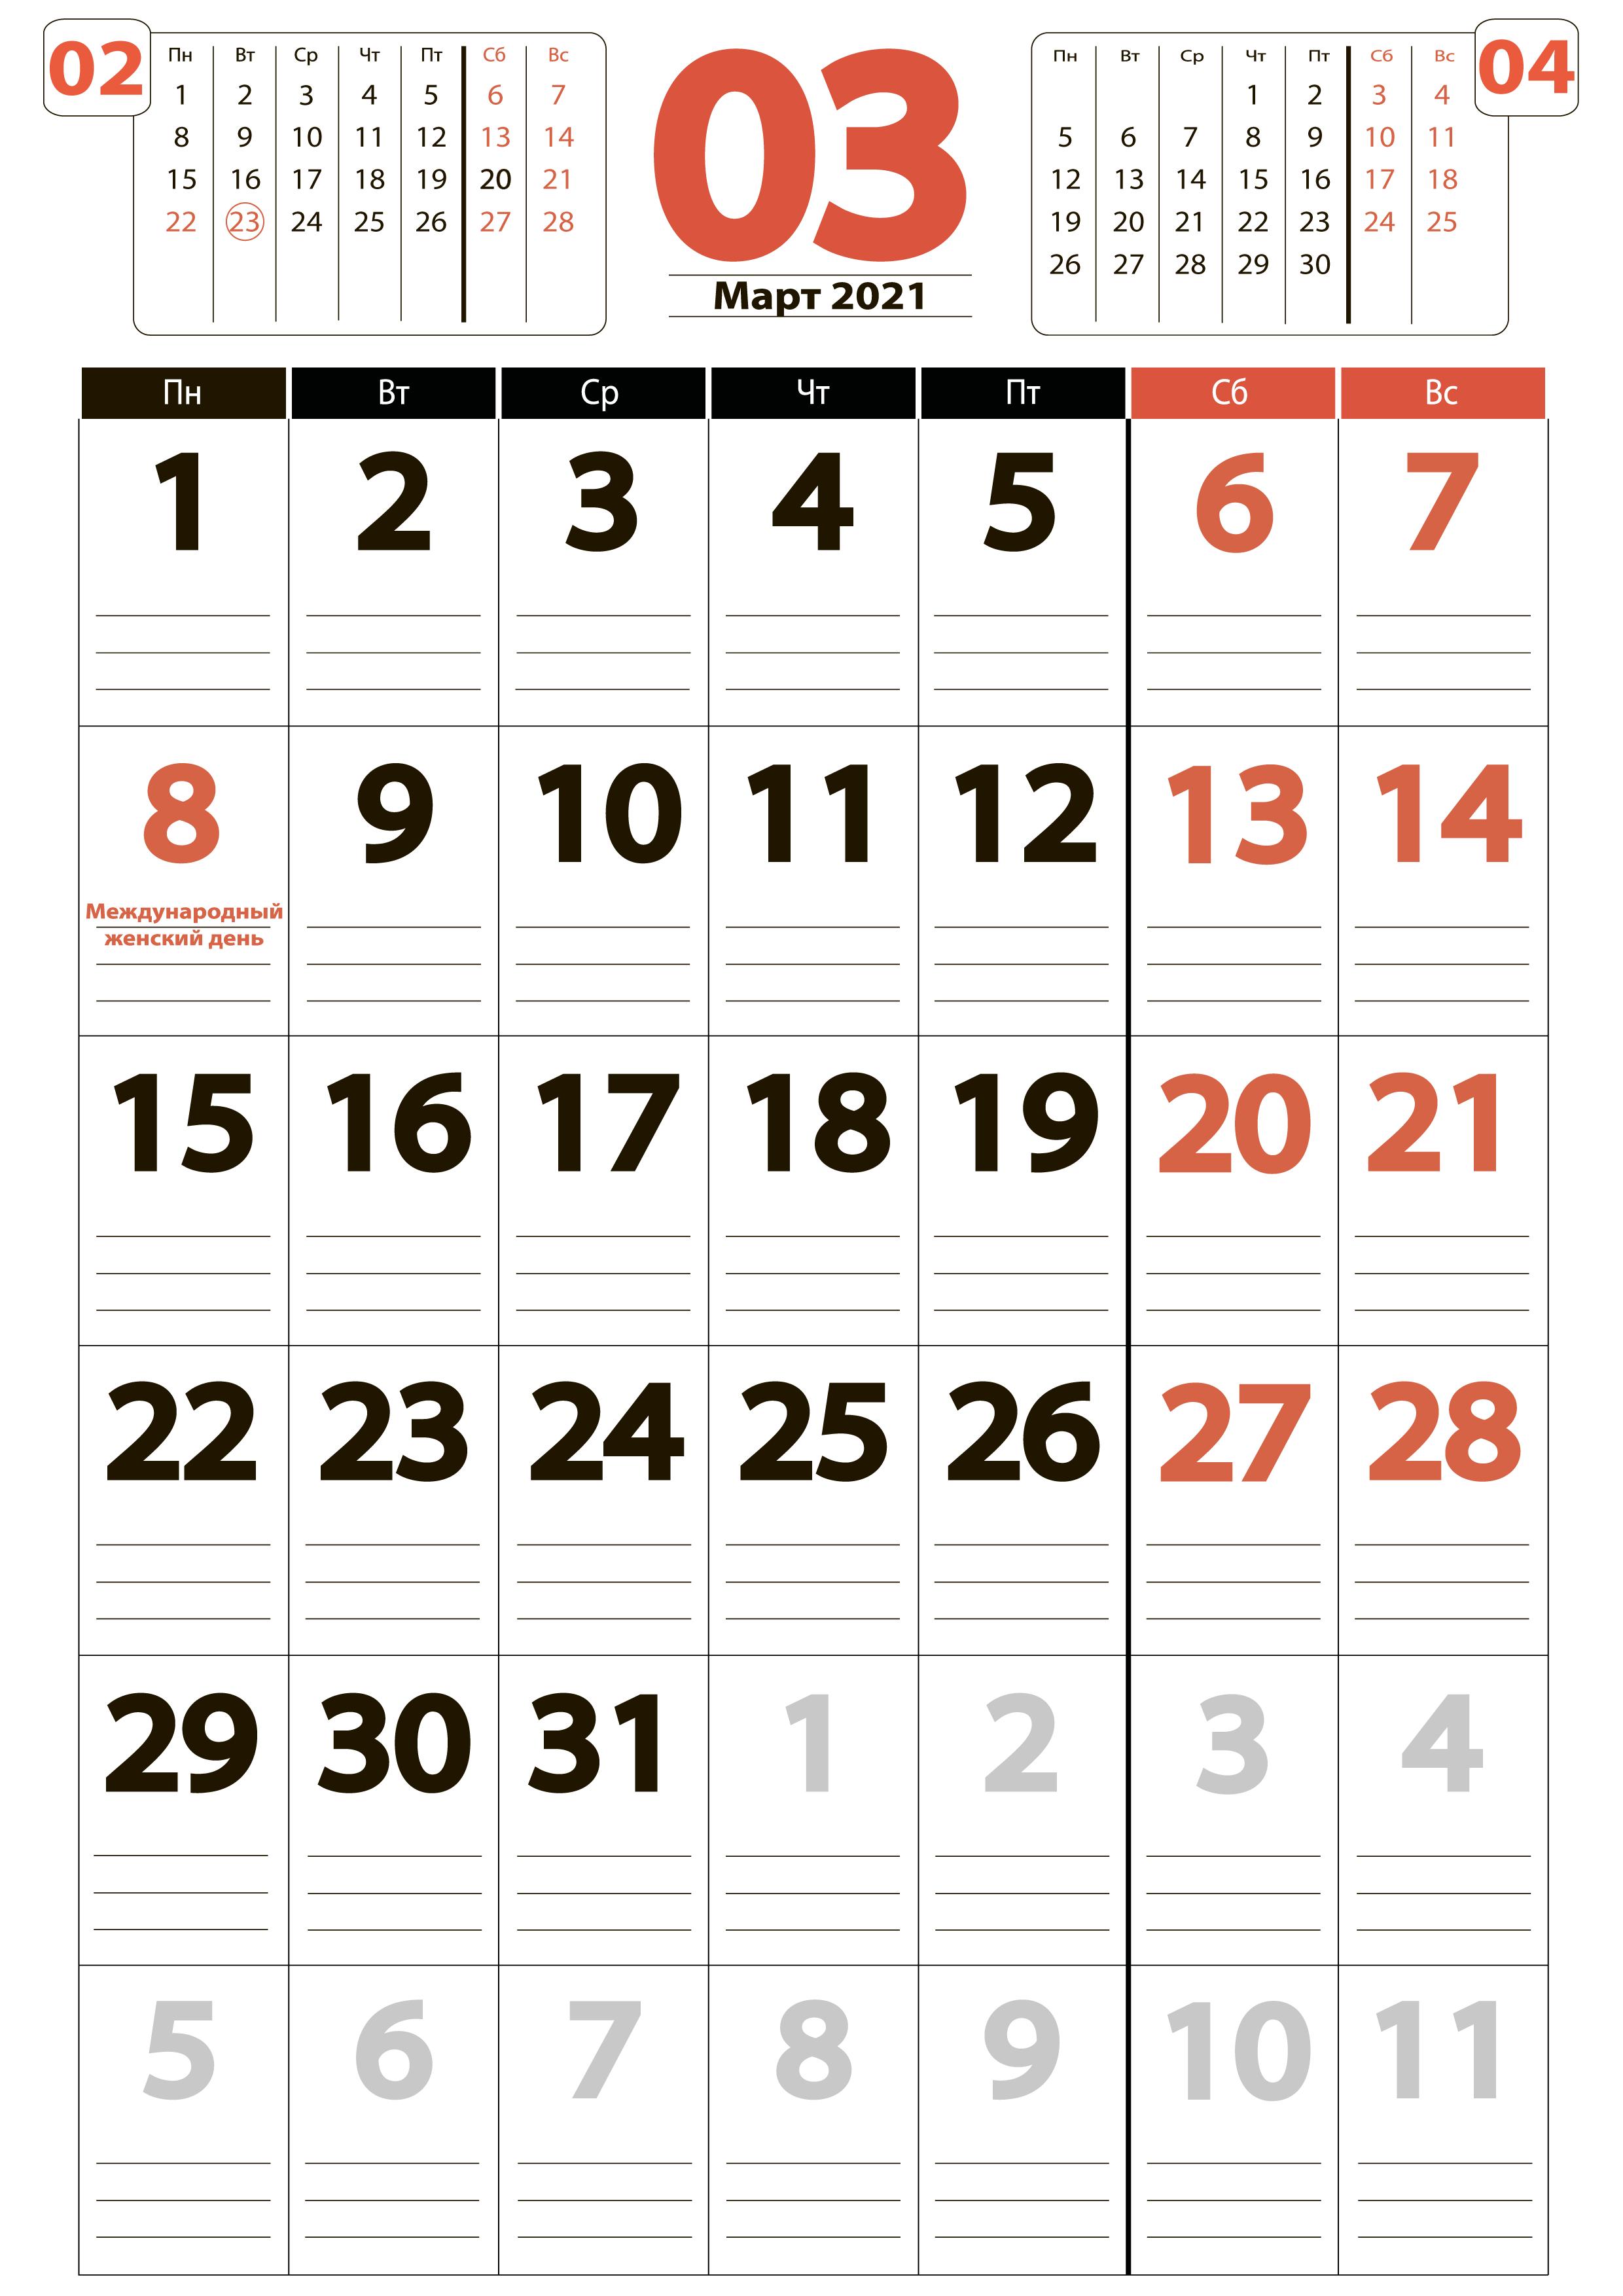 Март 2021 - Календарь книжный формат